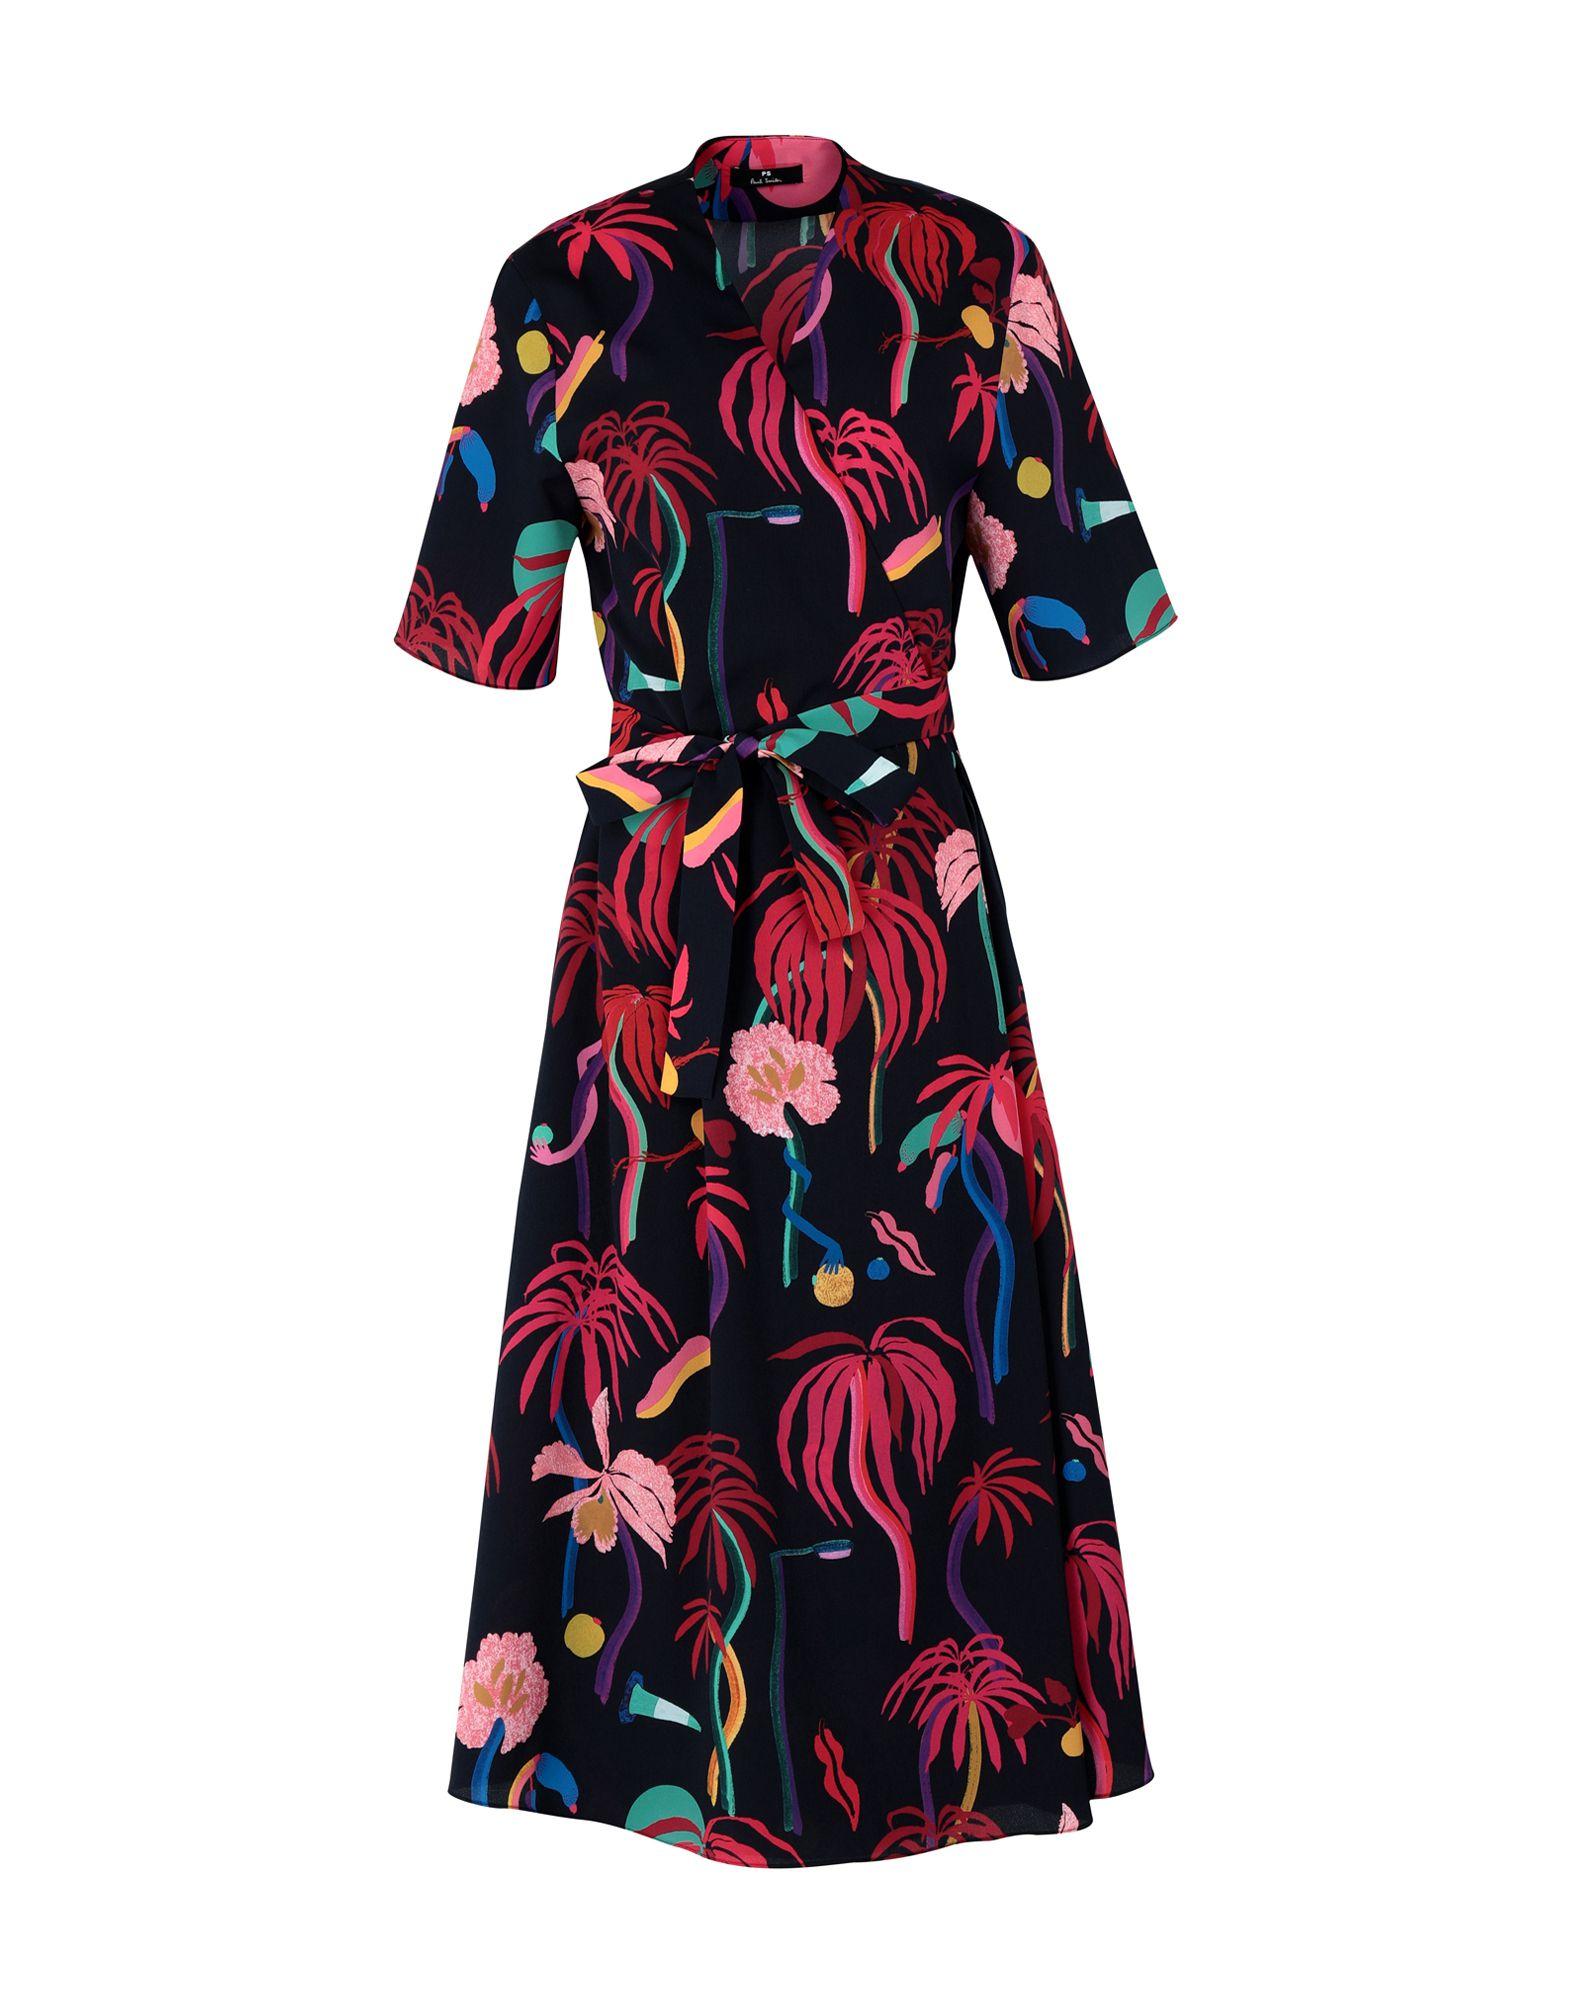 Vestito Longuette Ps Paul Smith damen Dress - damen - 34936551TK